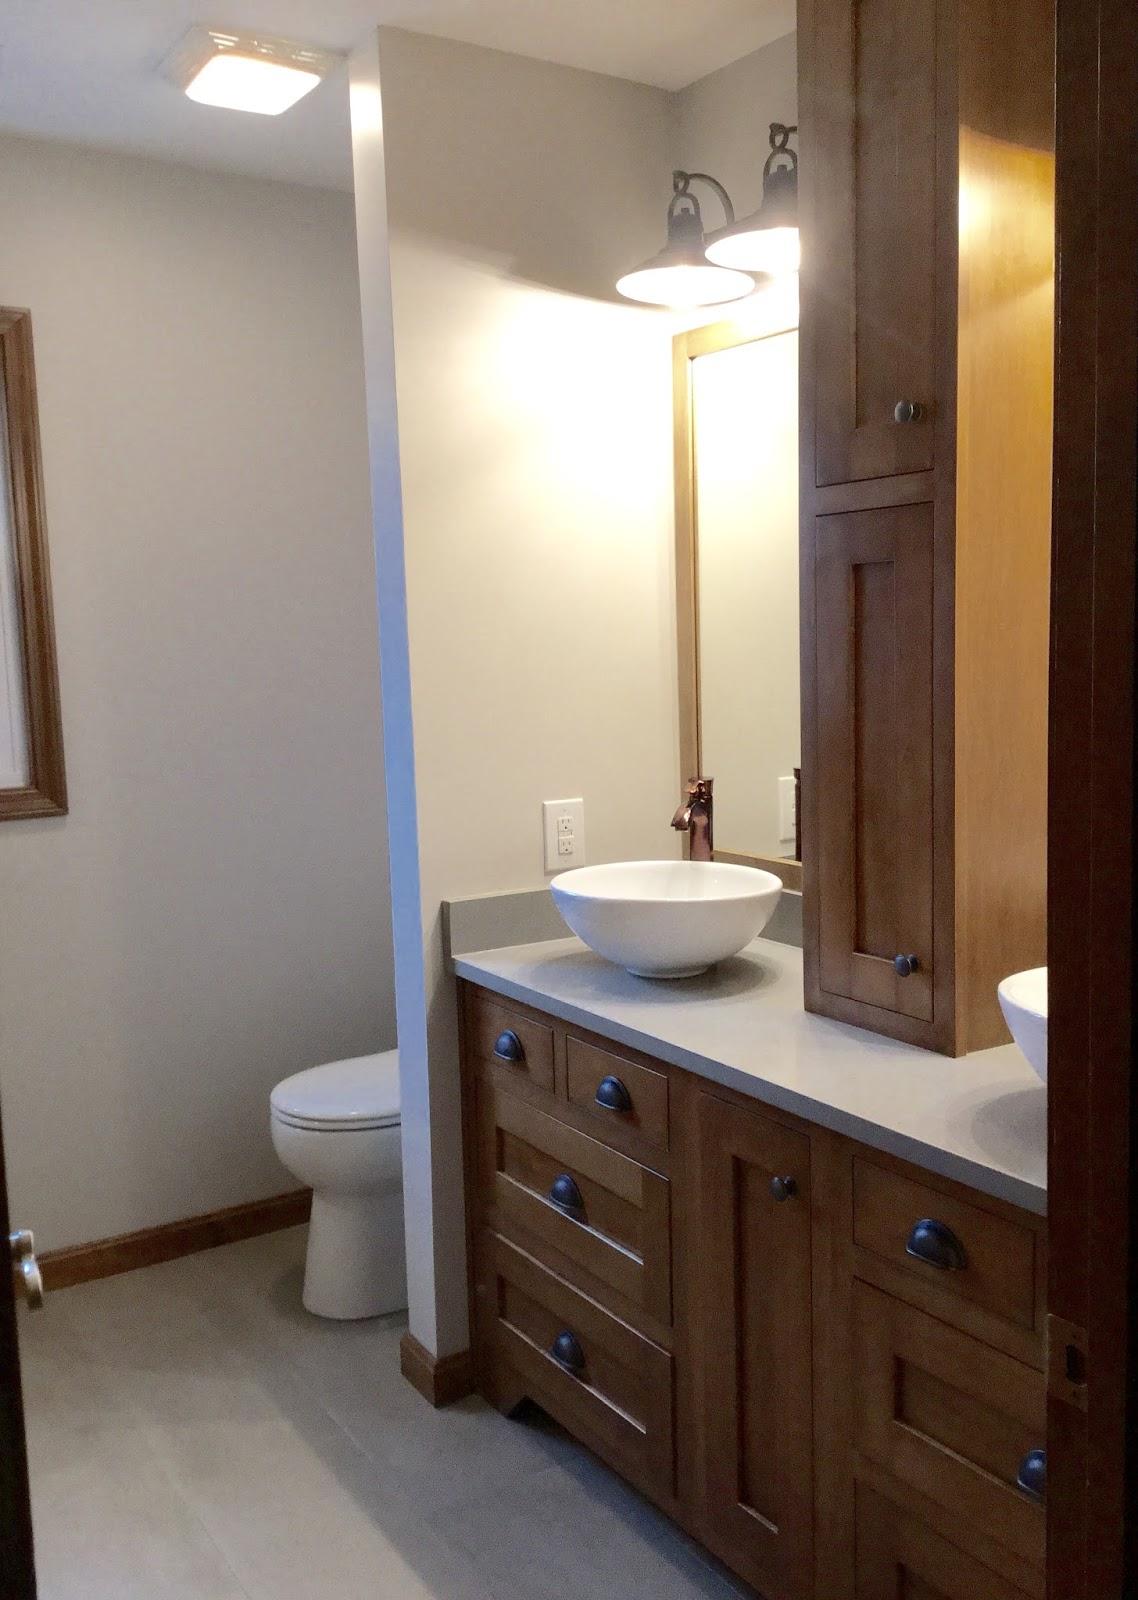 RUSTIC CABIN BATHROOM RENOVATIONS ELZ DESIGN - Bathroom colors with bronze fixtures